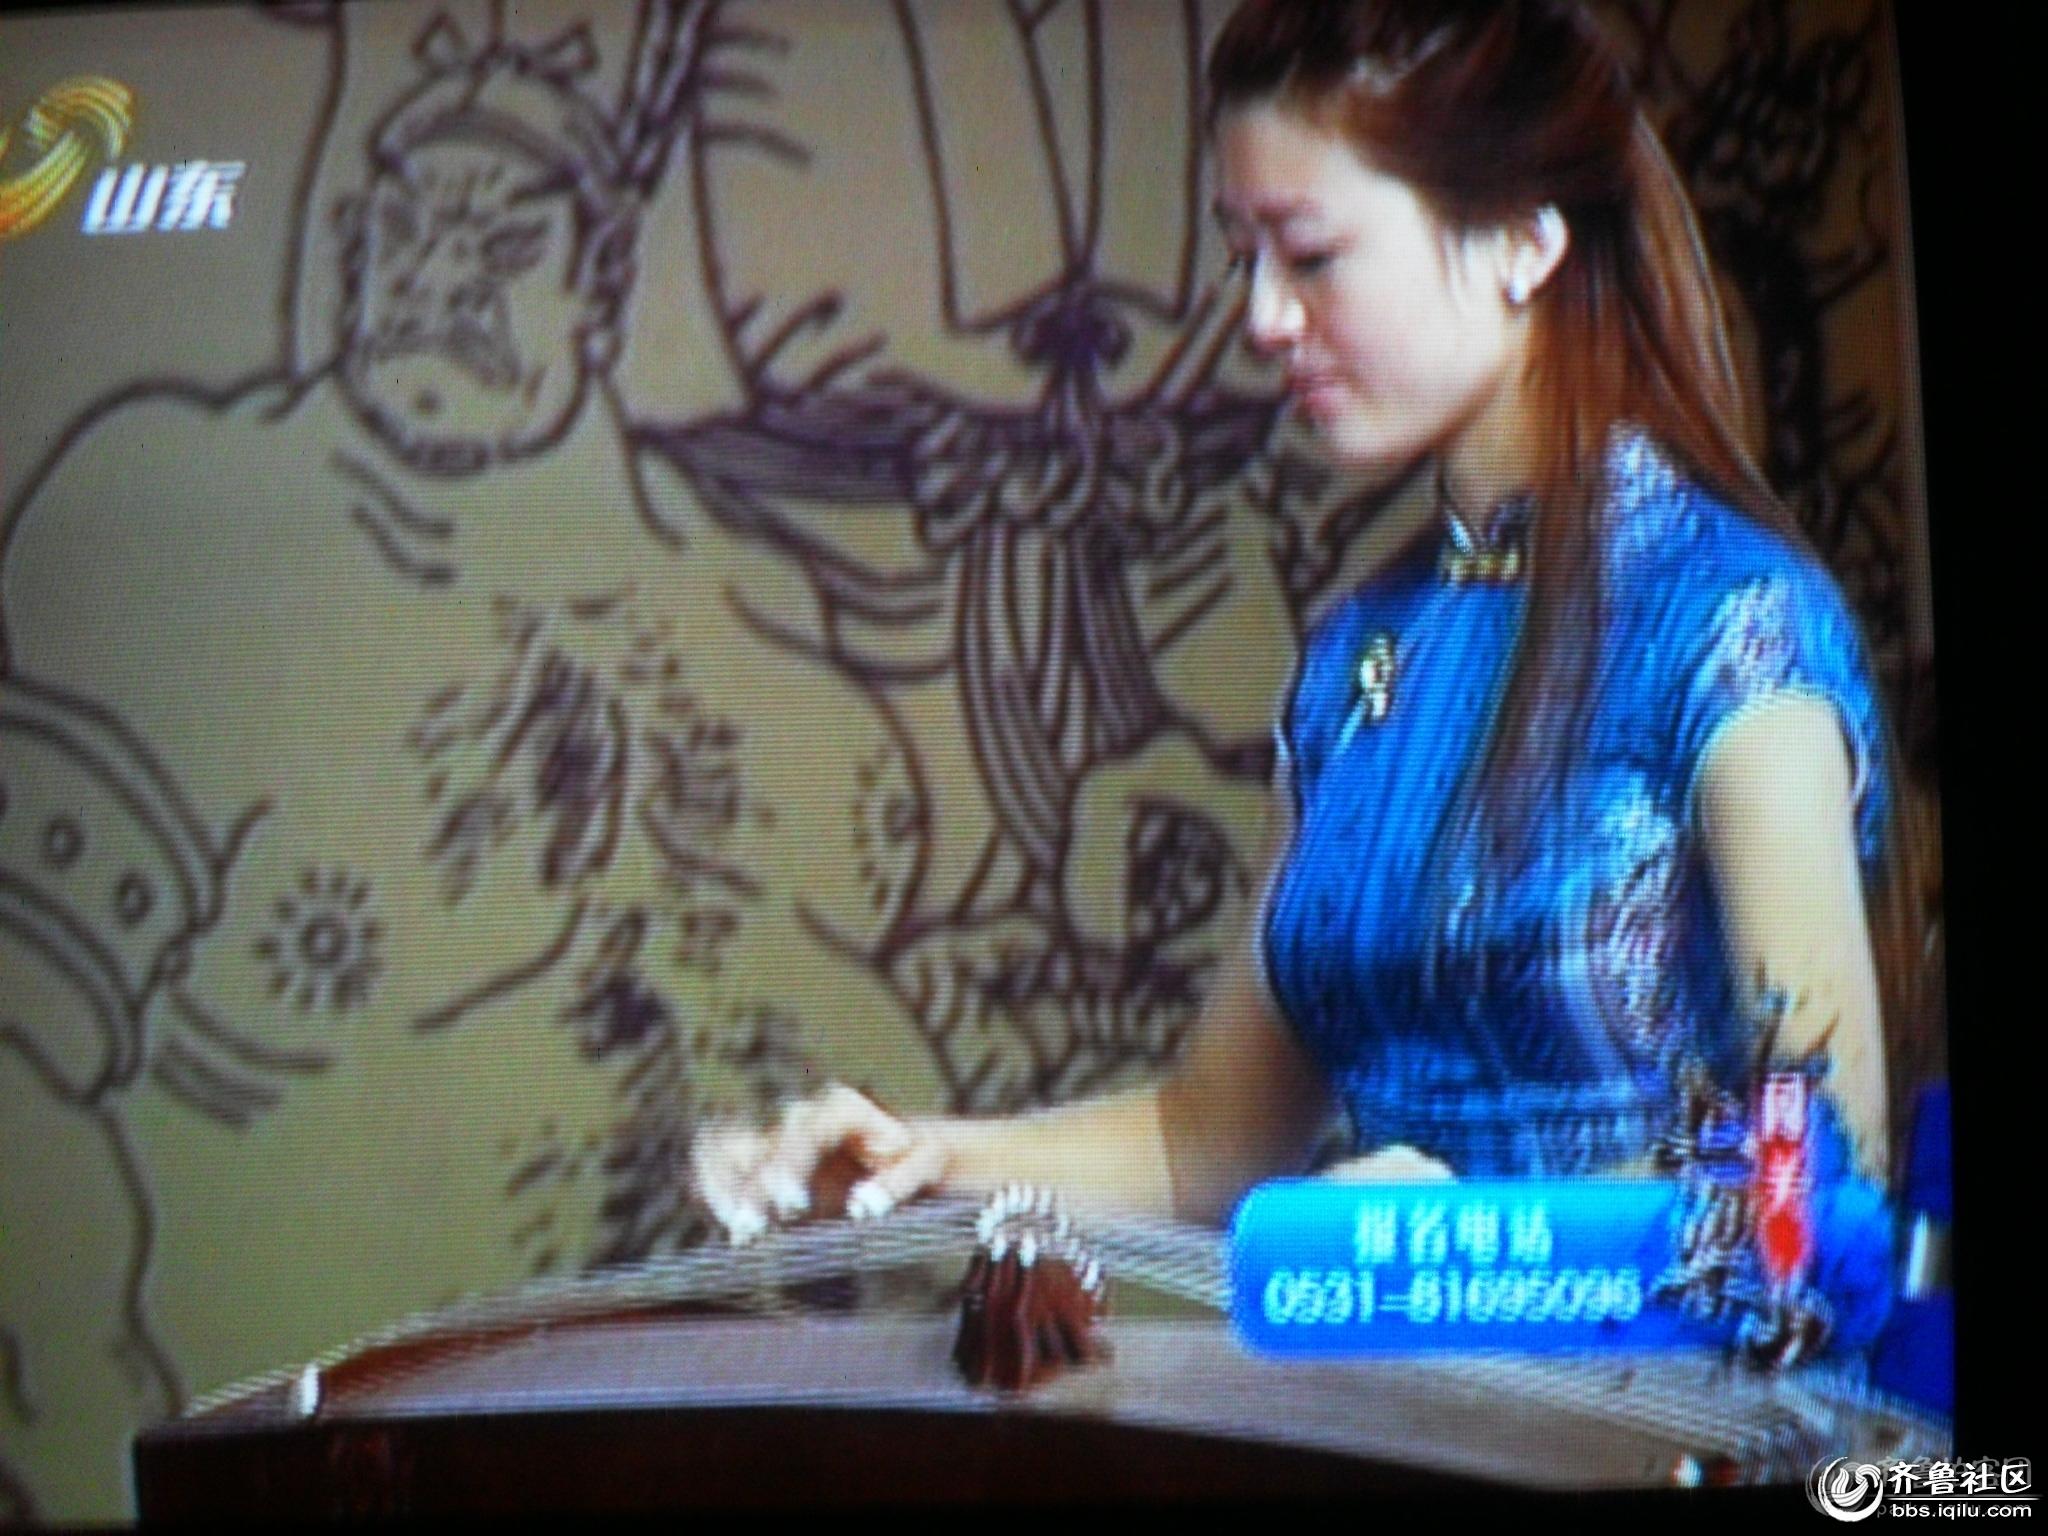 弹古筝的美女 滨州论坛